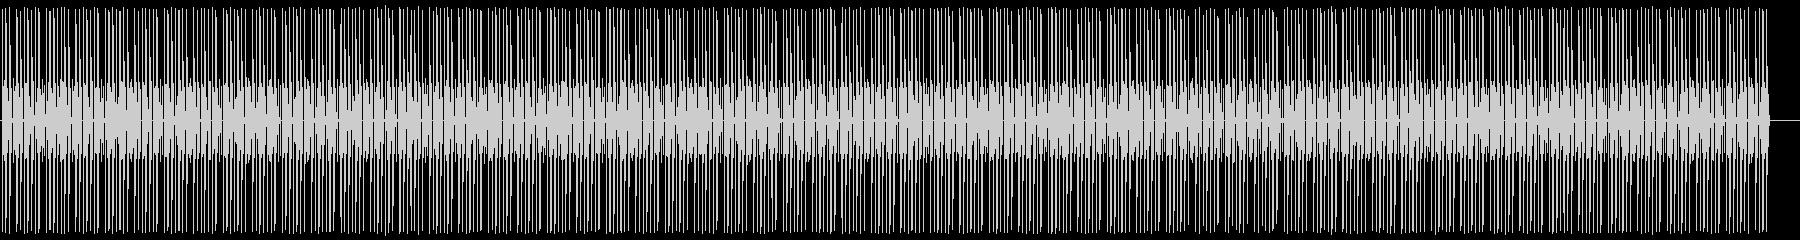 ヒップホップ/王道/ビートトラック/5の未再生の波形